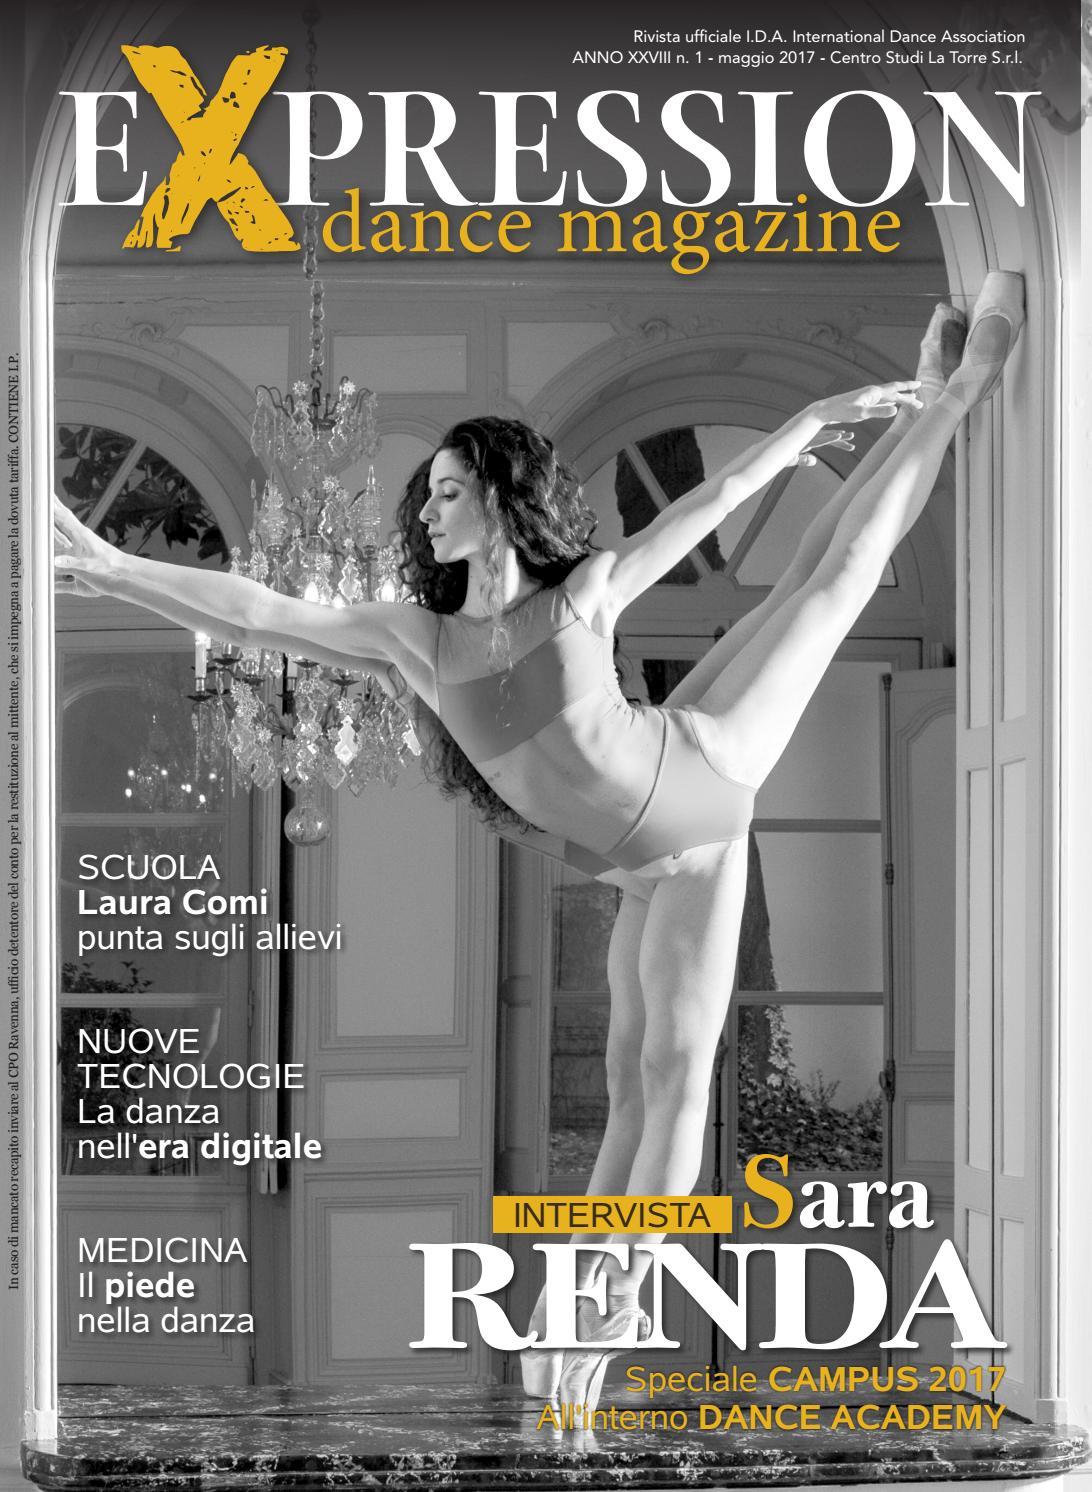 Expression dance magazine maggio 2017 by IDA International Dance  Association - issuu 6d70a9043